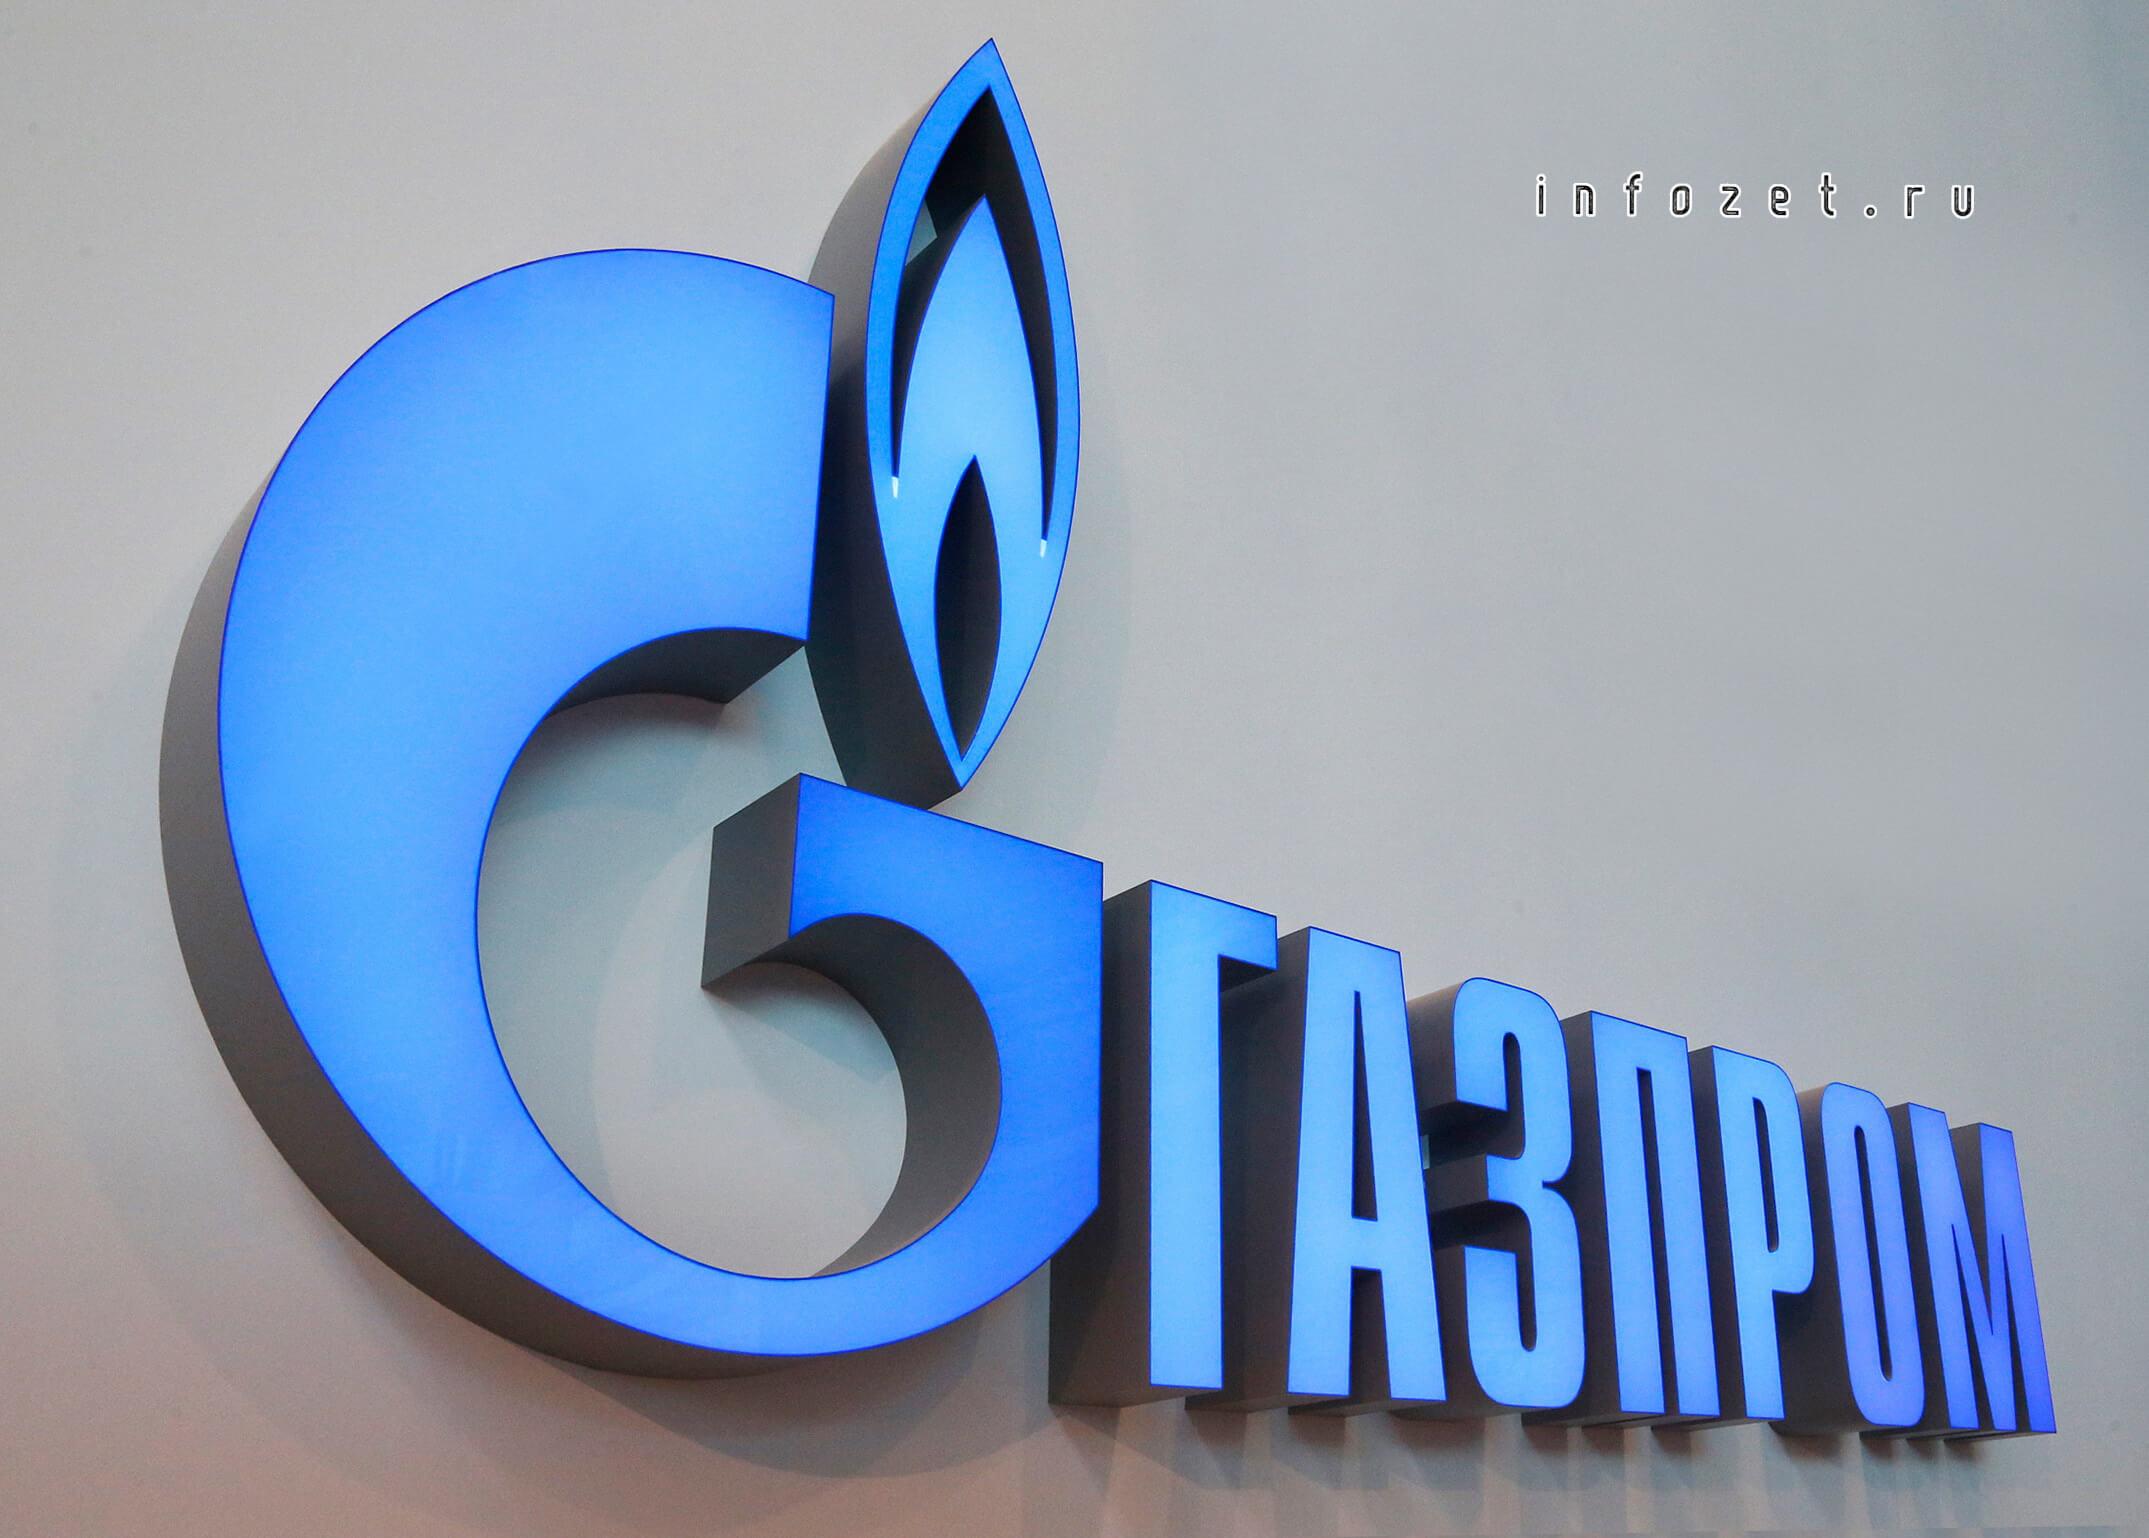 skolko-akczij-u-gazproma